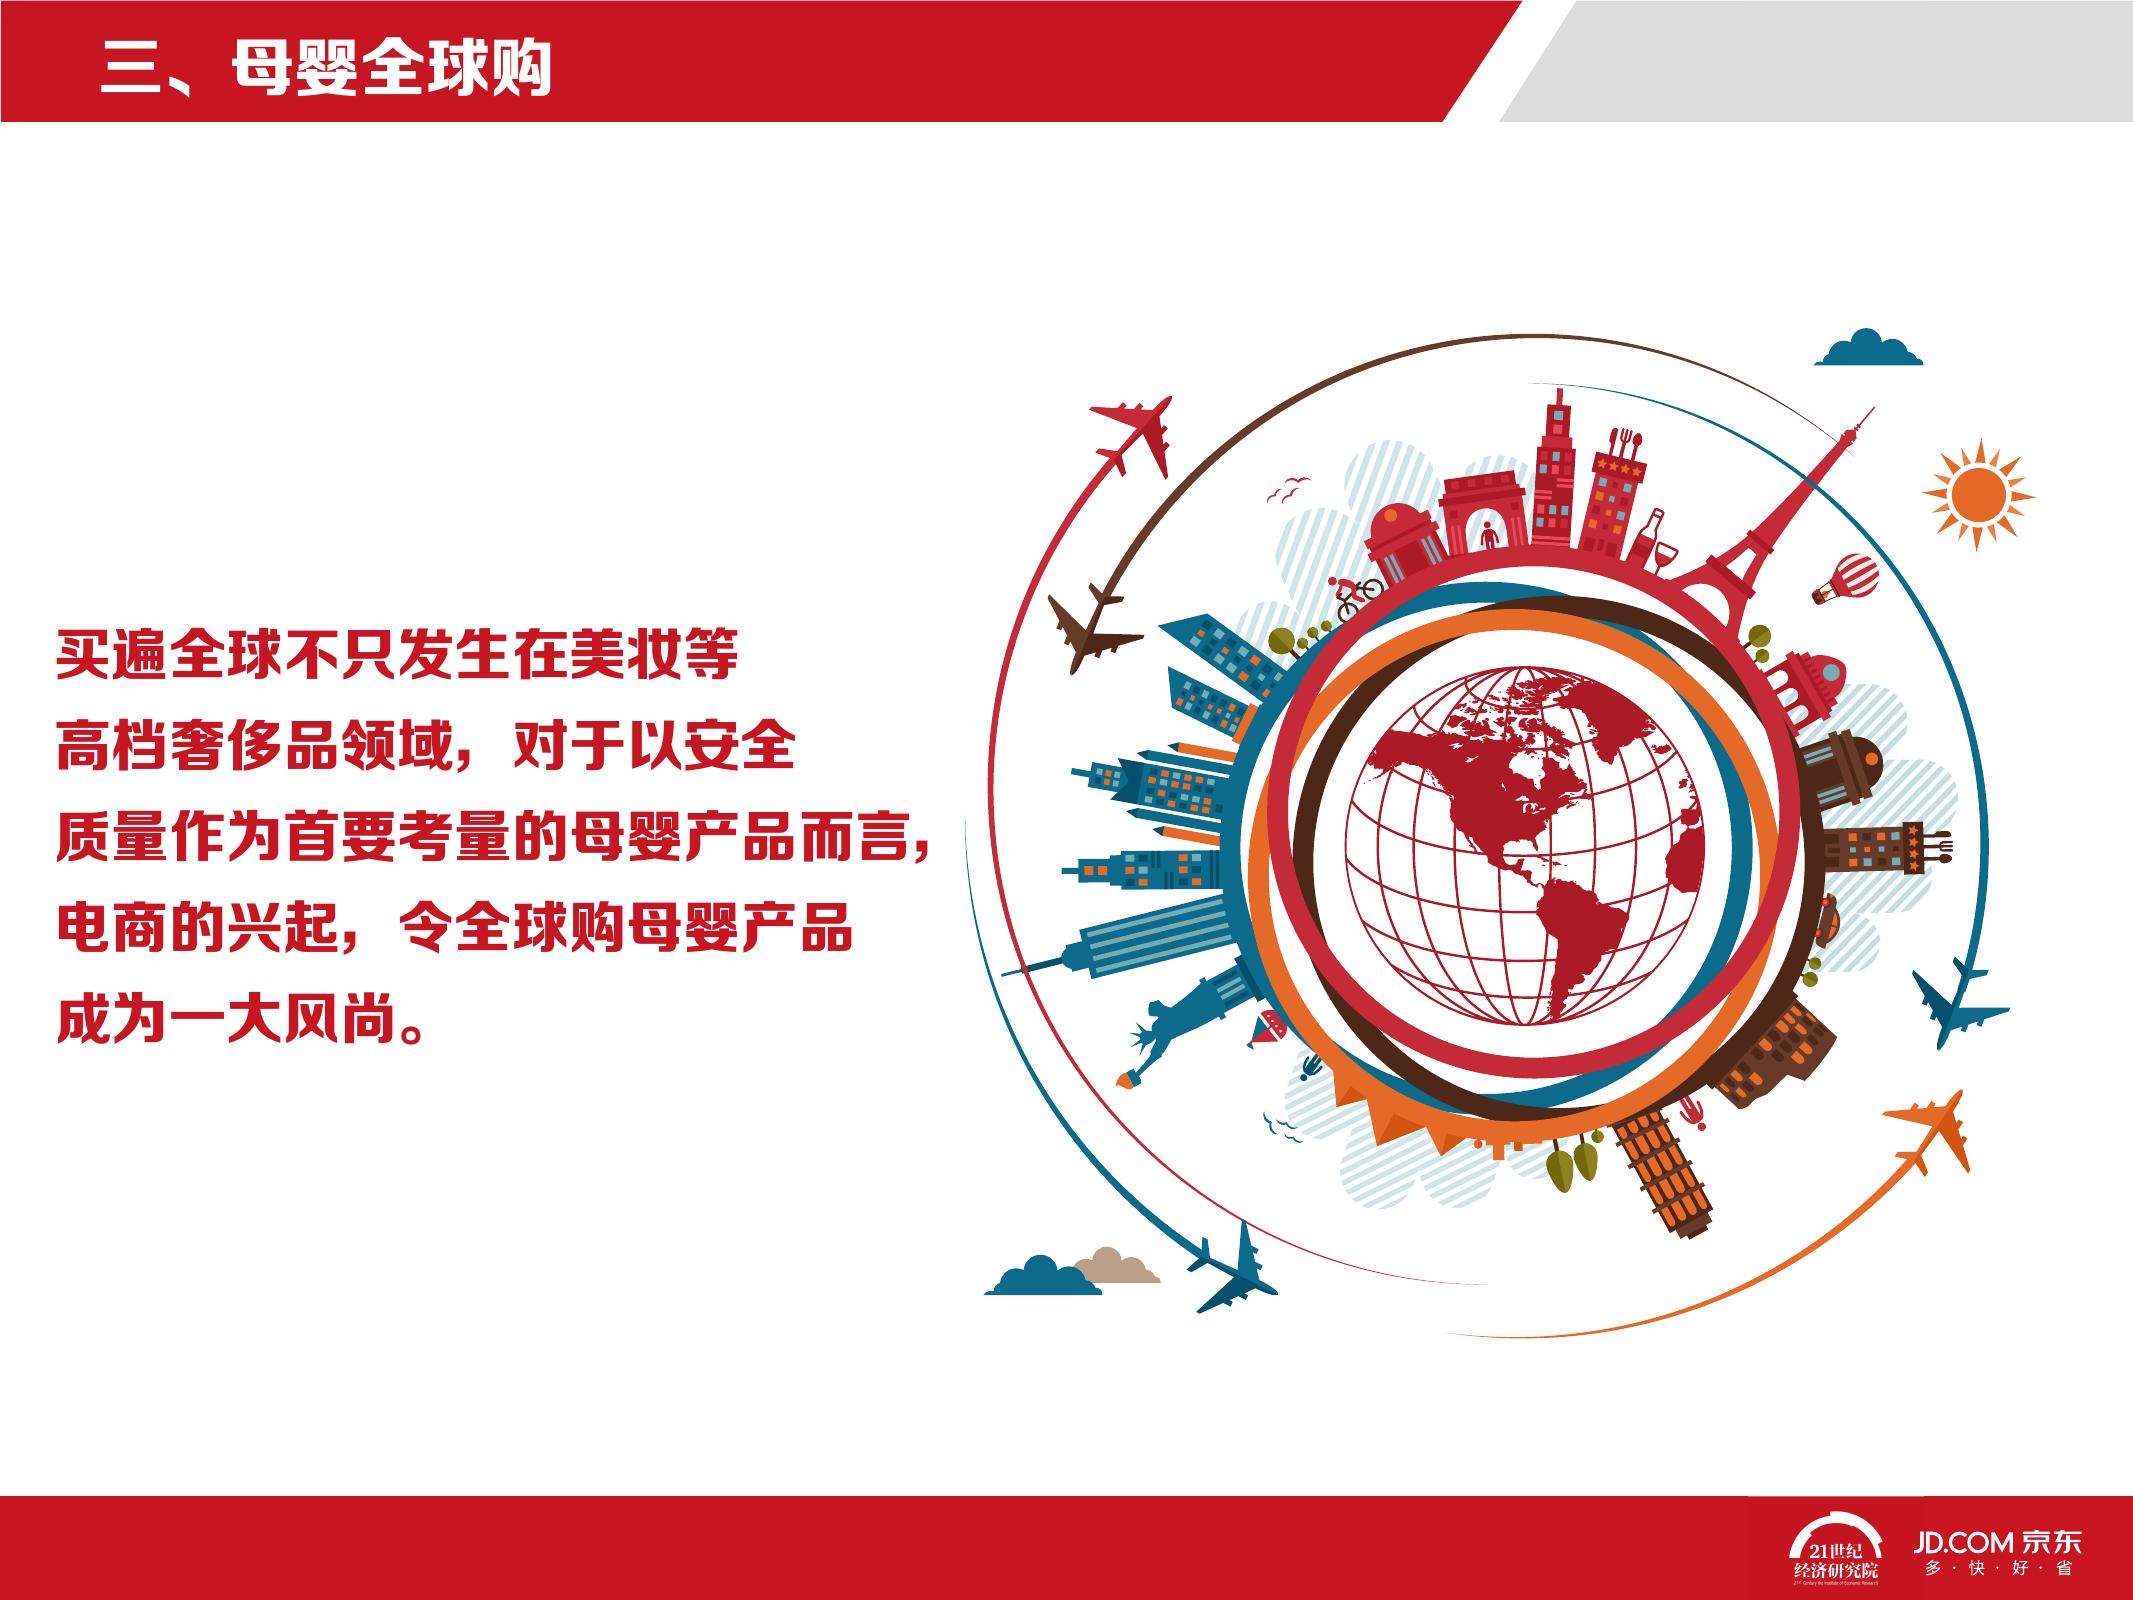 2016中国母婴产品消费趋势报告_000037